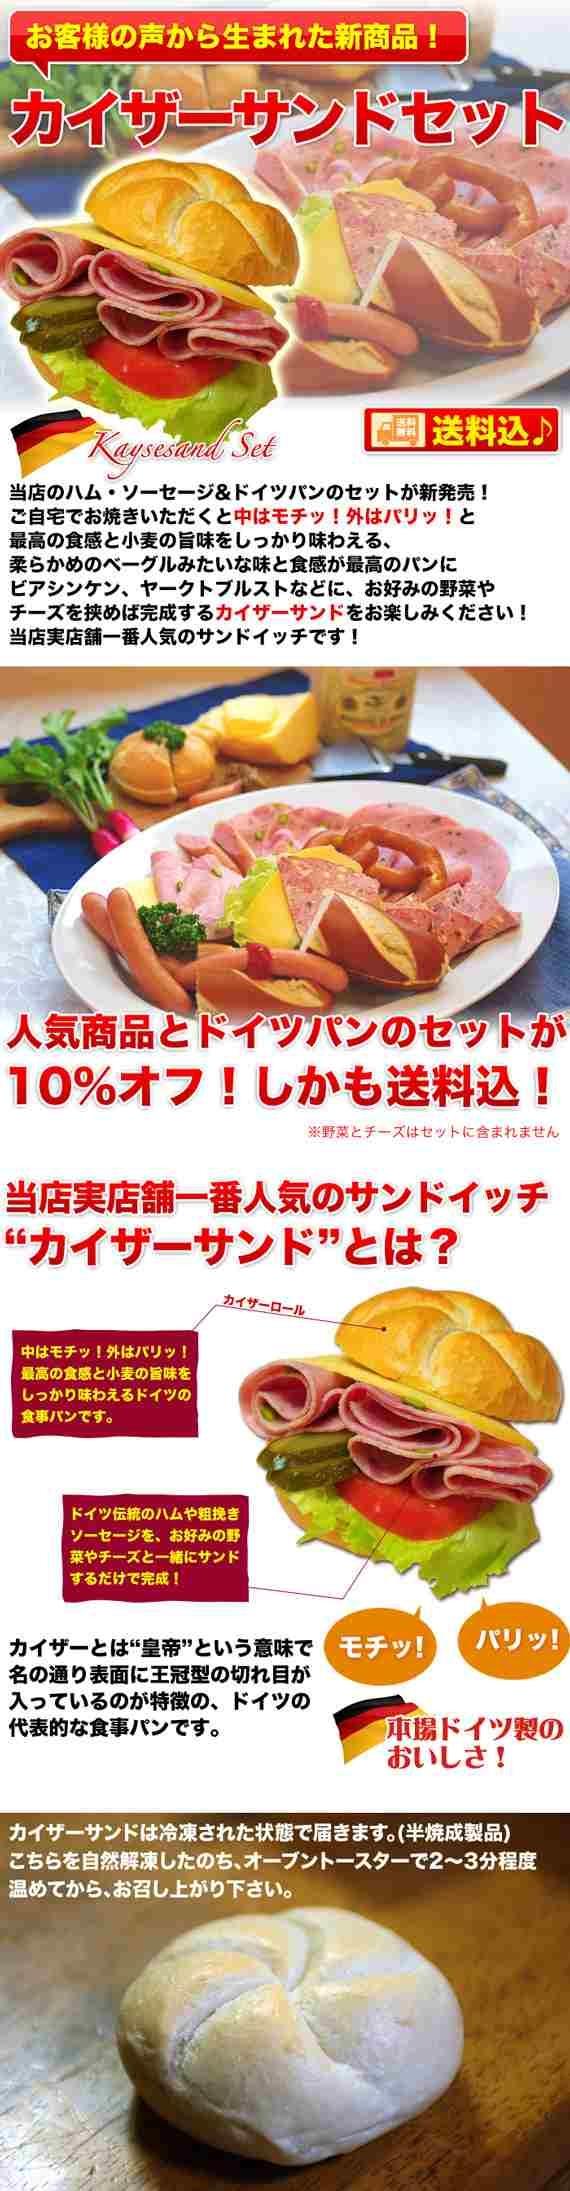 ドイツパンとドイツソーセージのセット・お客様の声から生まれた♪カイザーサンドセット【送料込】 ドイツ ソーセージ